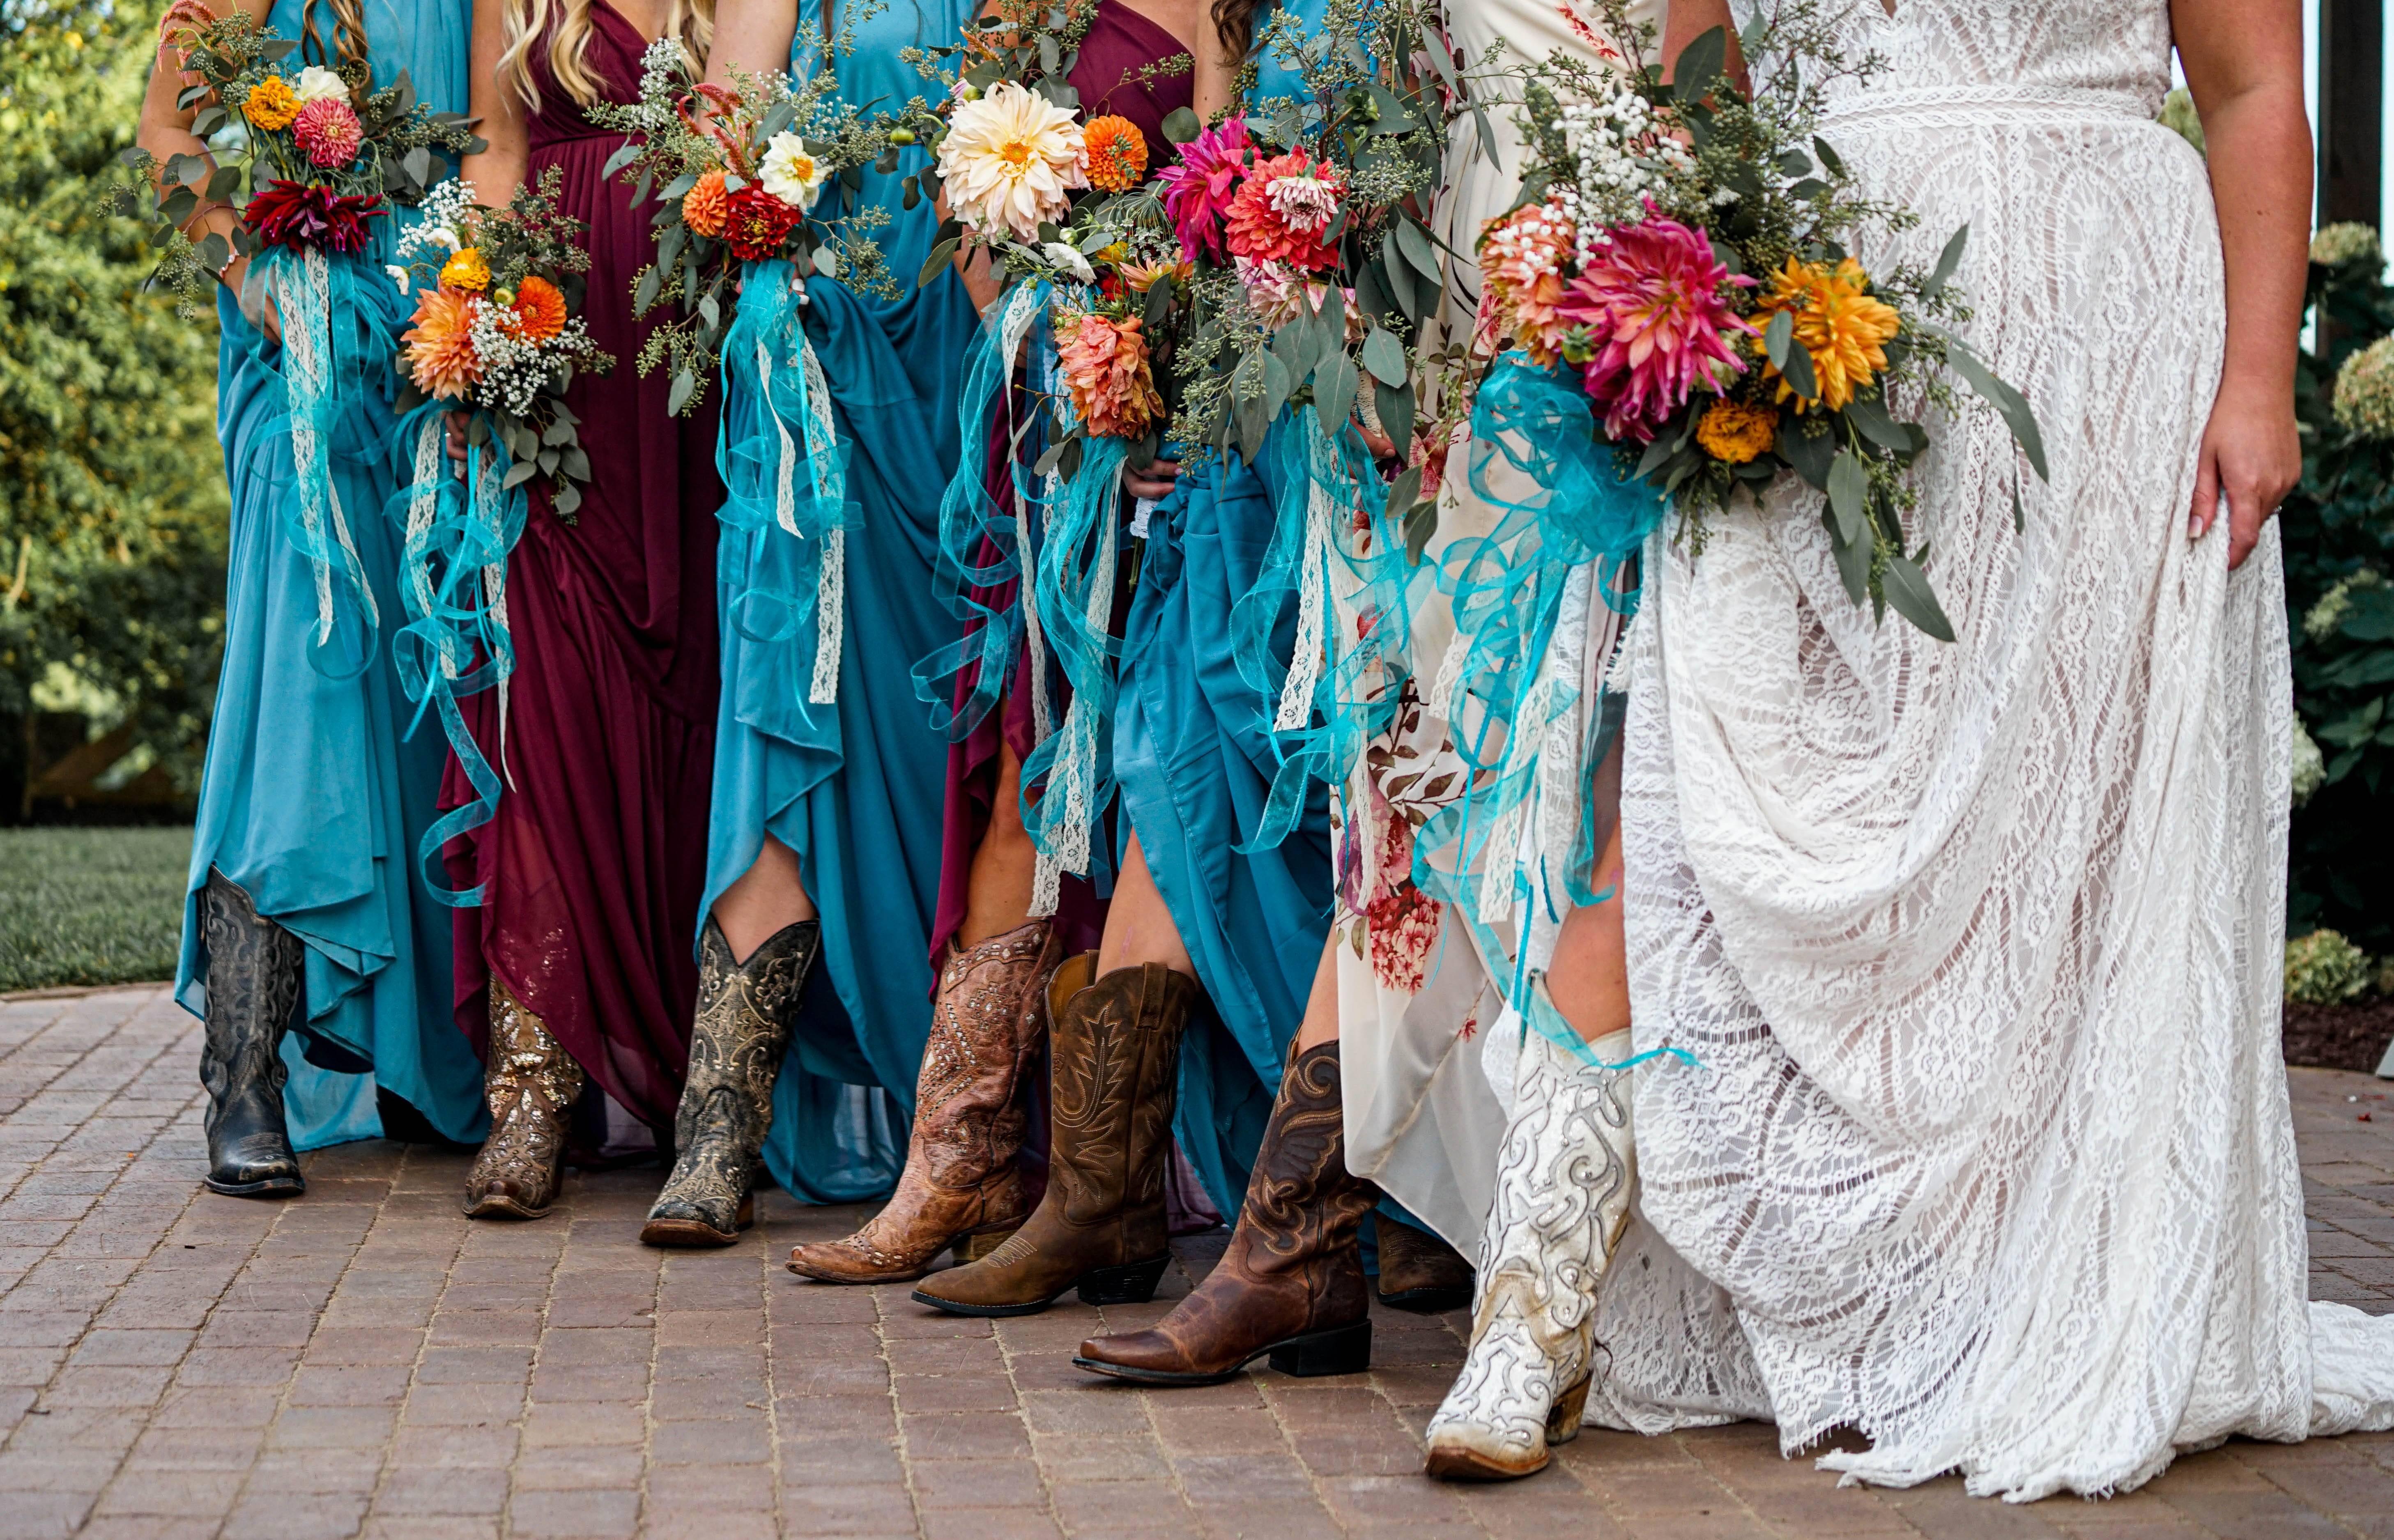 Coordenação de cores e calçados. Foto: Reprodução/Unsplash